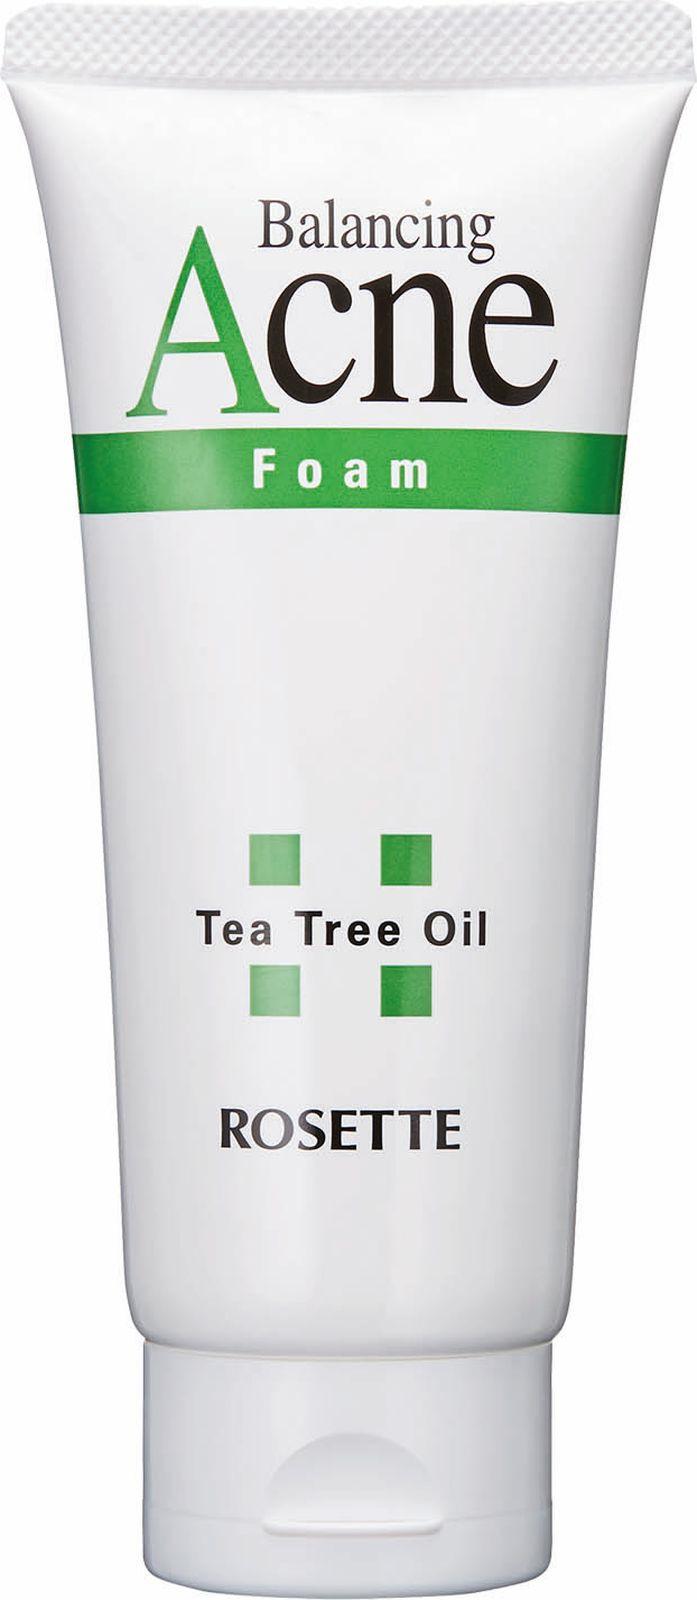 Пенка для умывания Rosette Acne Foam, для проблемной кожи с натуральным маслом чайного дерева, 120 г